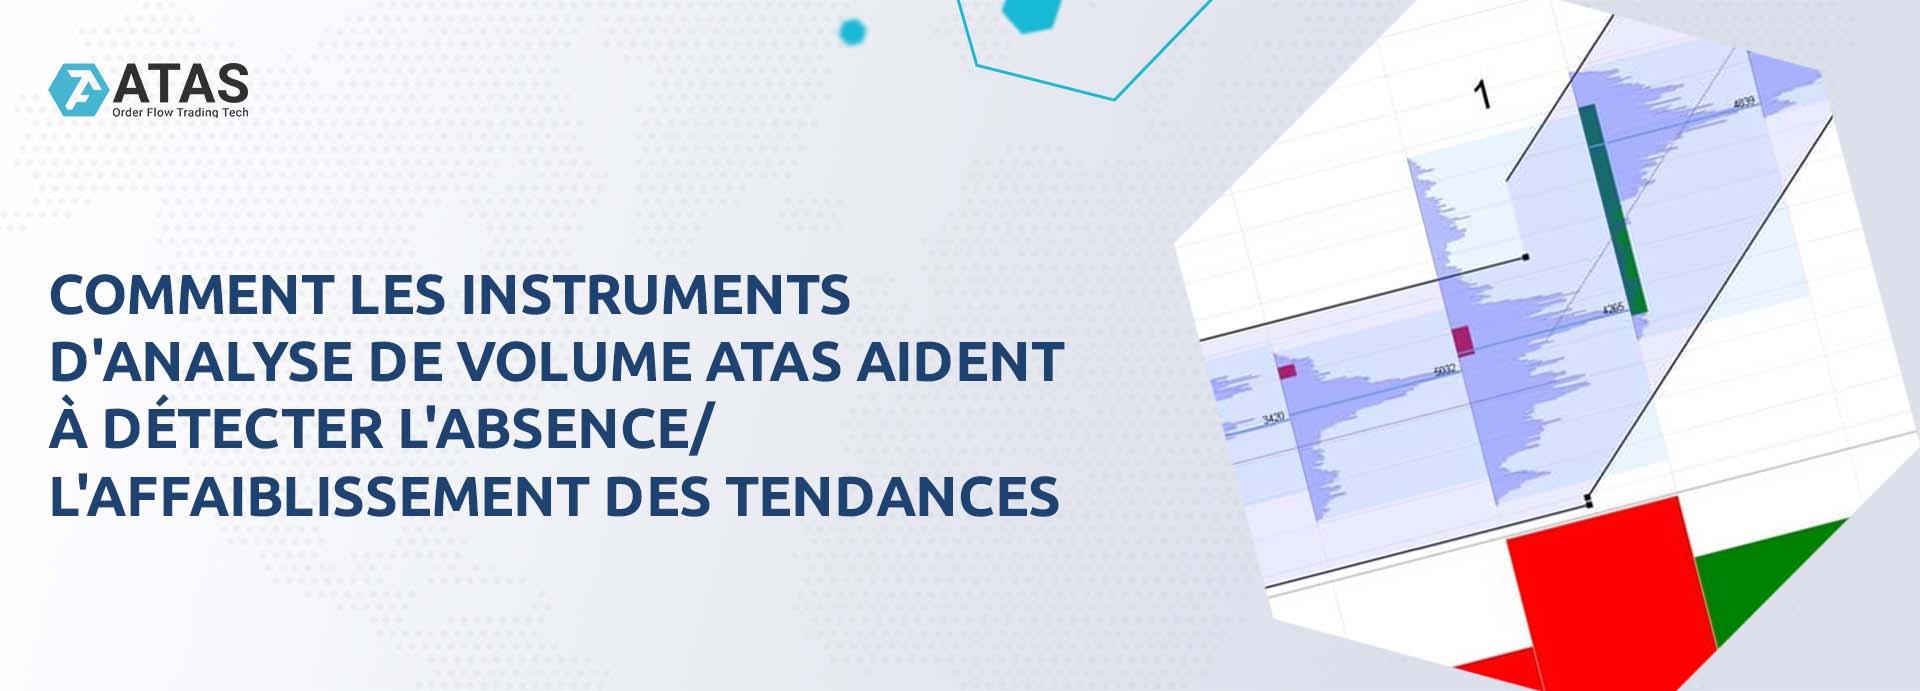 COMMENT LES INSTRUMENTS D'ANALYSE DE VOLUME ATAS AIDENT À DÉTECTER L'ABSENCE L'AFFAIBLISSEMENT DES TENDANCES